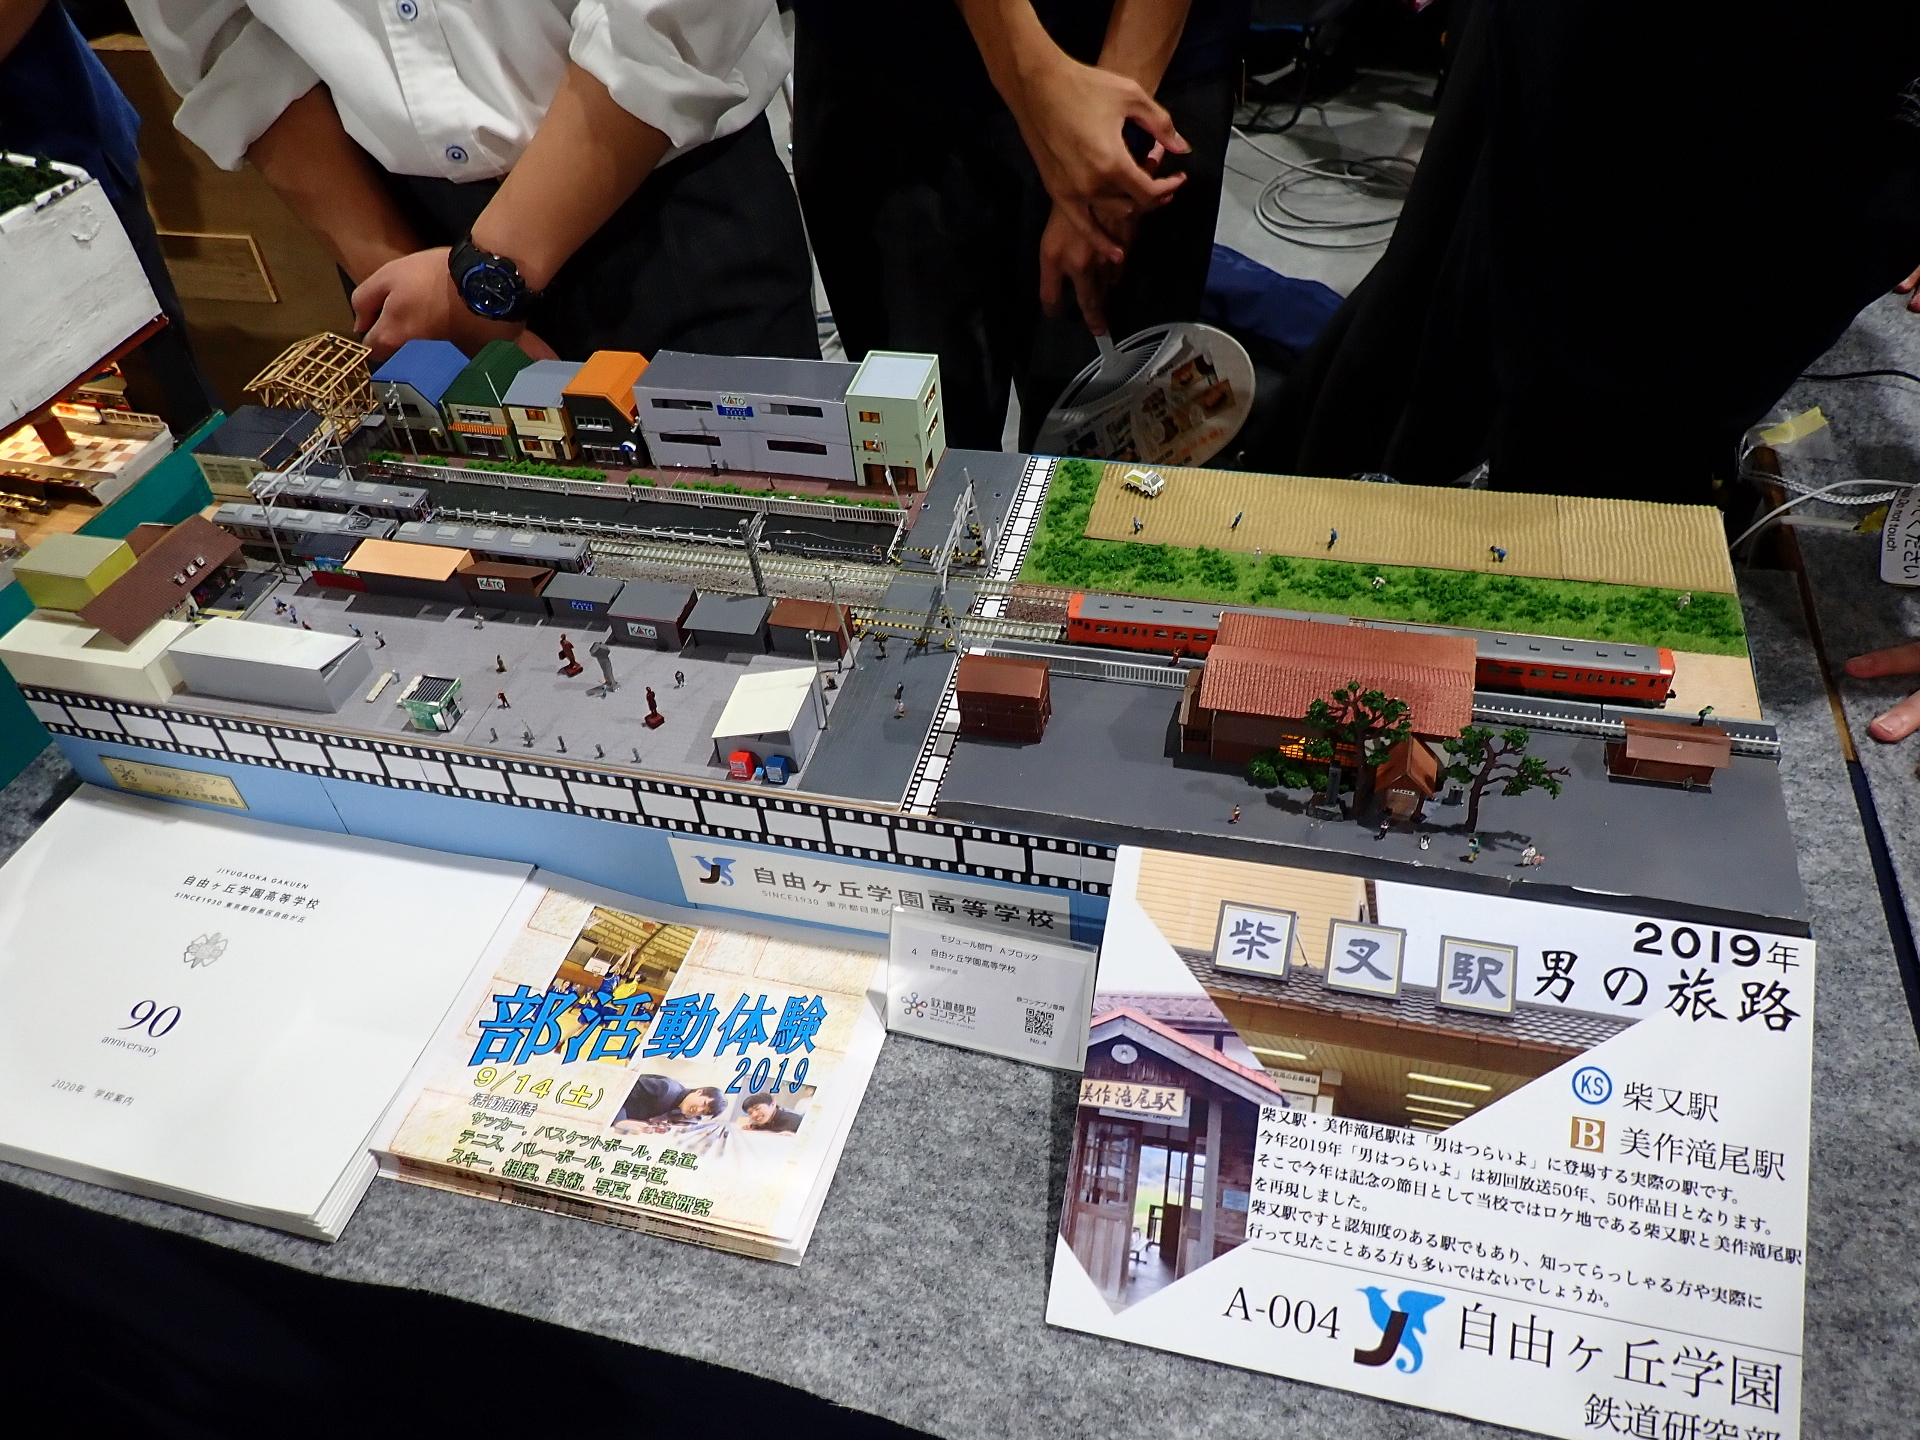 柴又駅と美作滝尾駅のシーナリー展示。